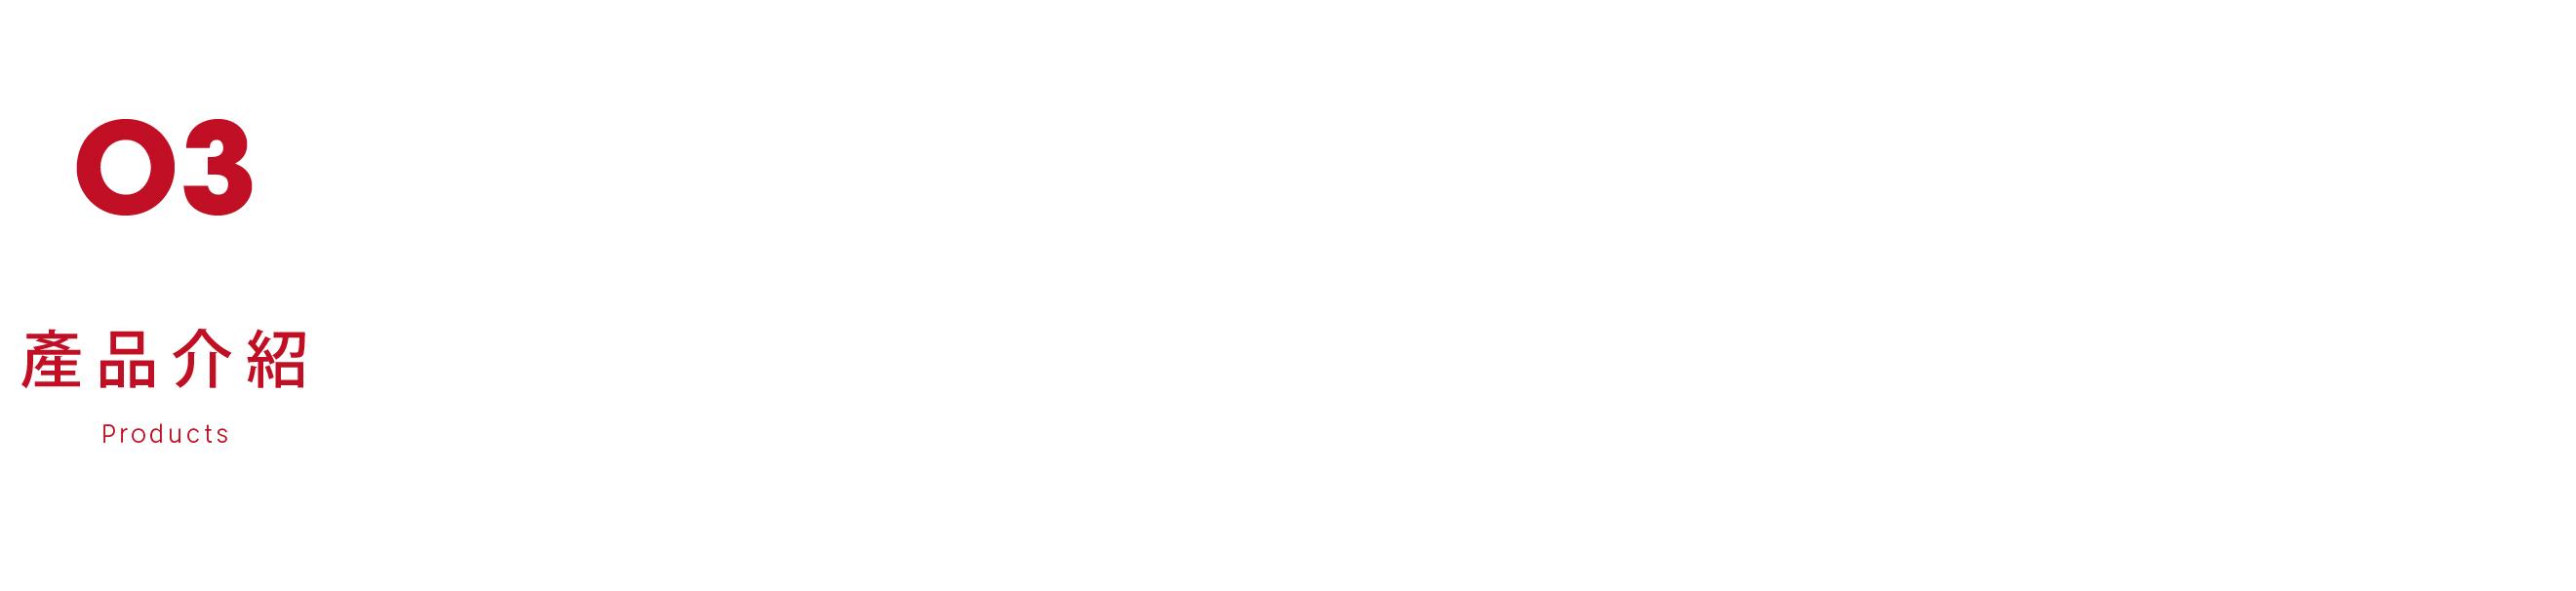 甘樂文創社創良品採購型錄3_工作區域 1 複本 37.jpg